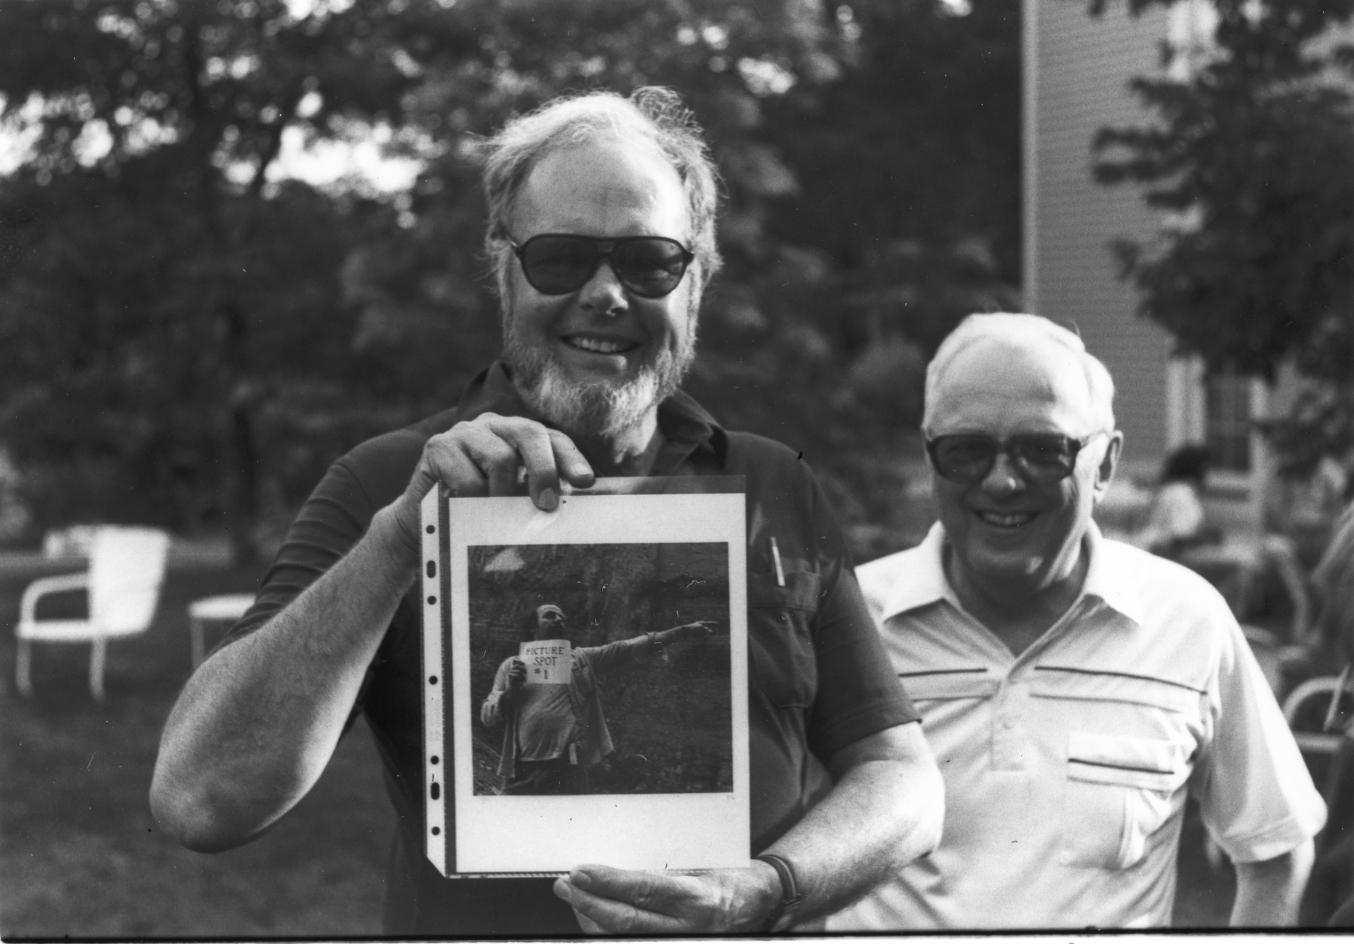 Charles Arnold and David Engdahl